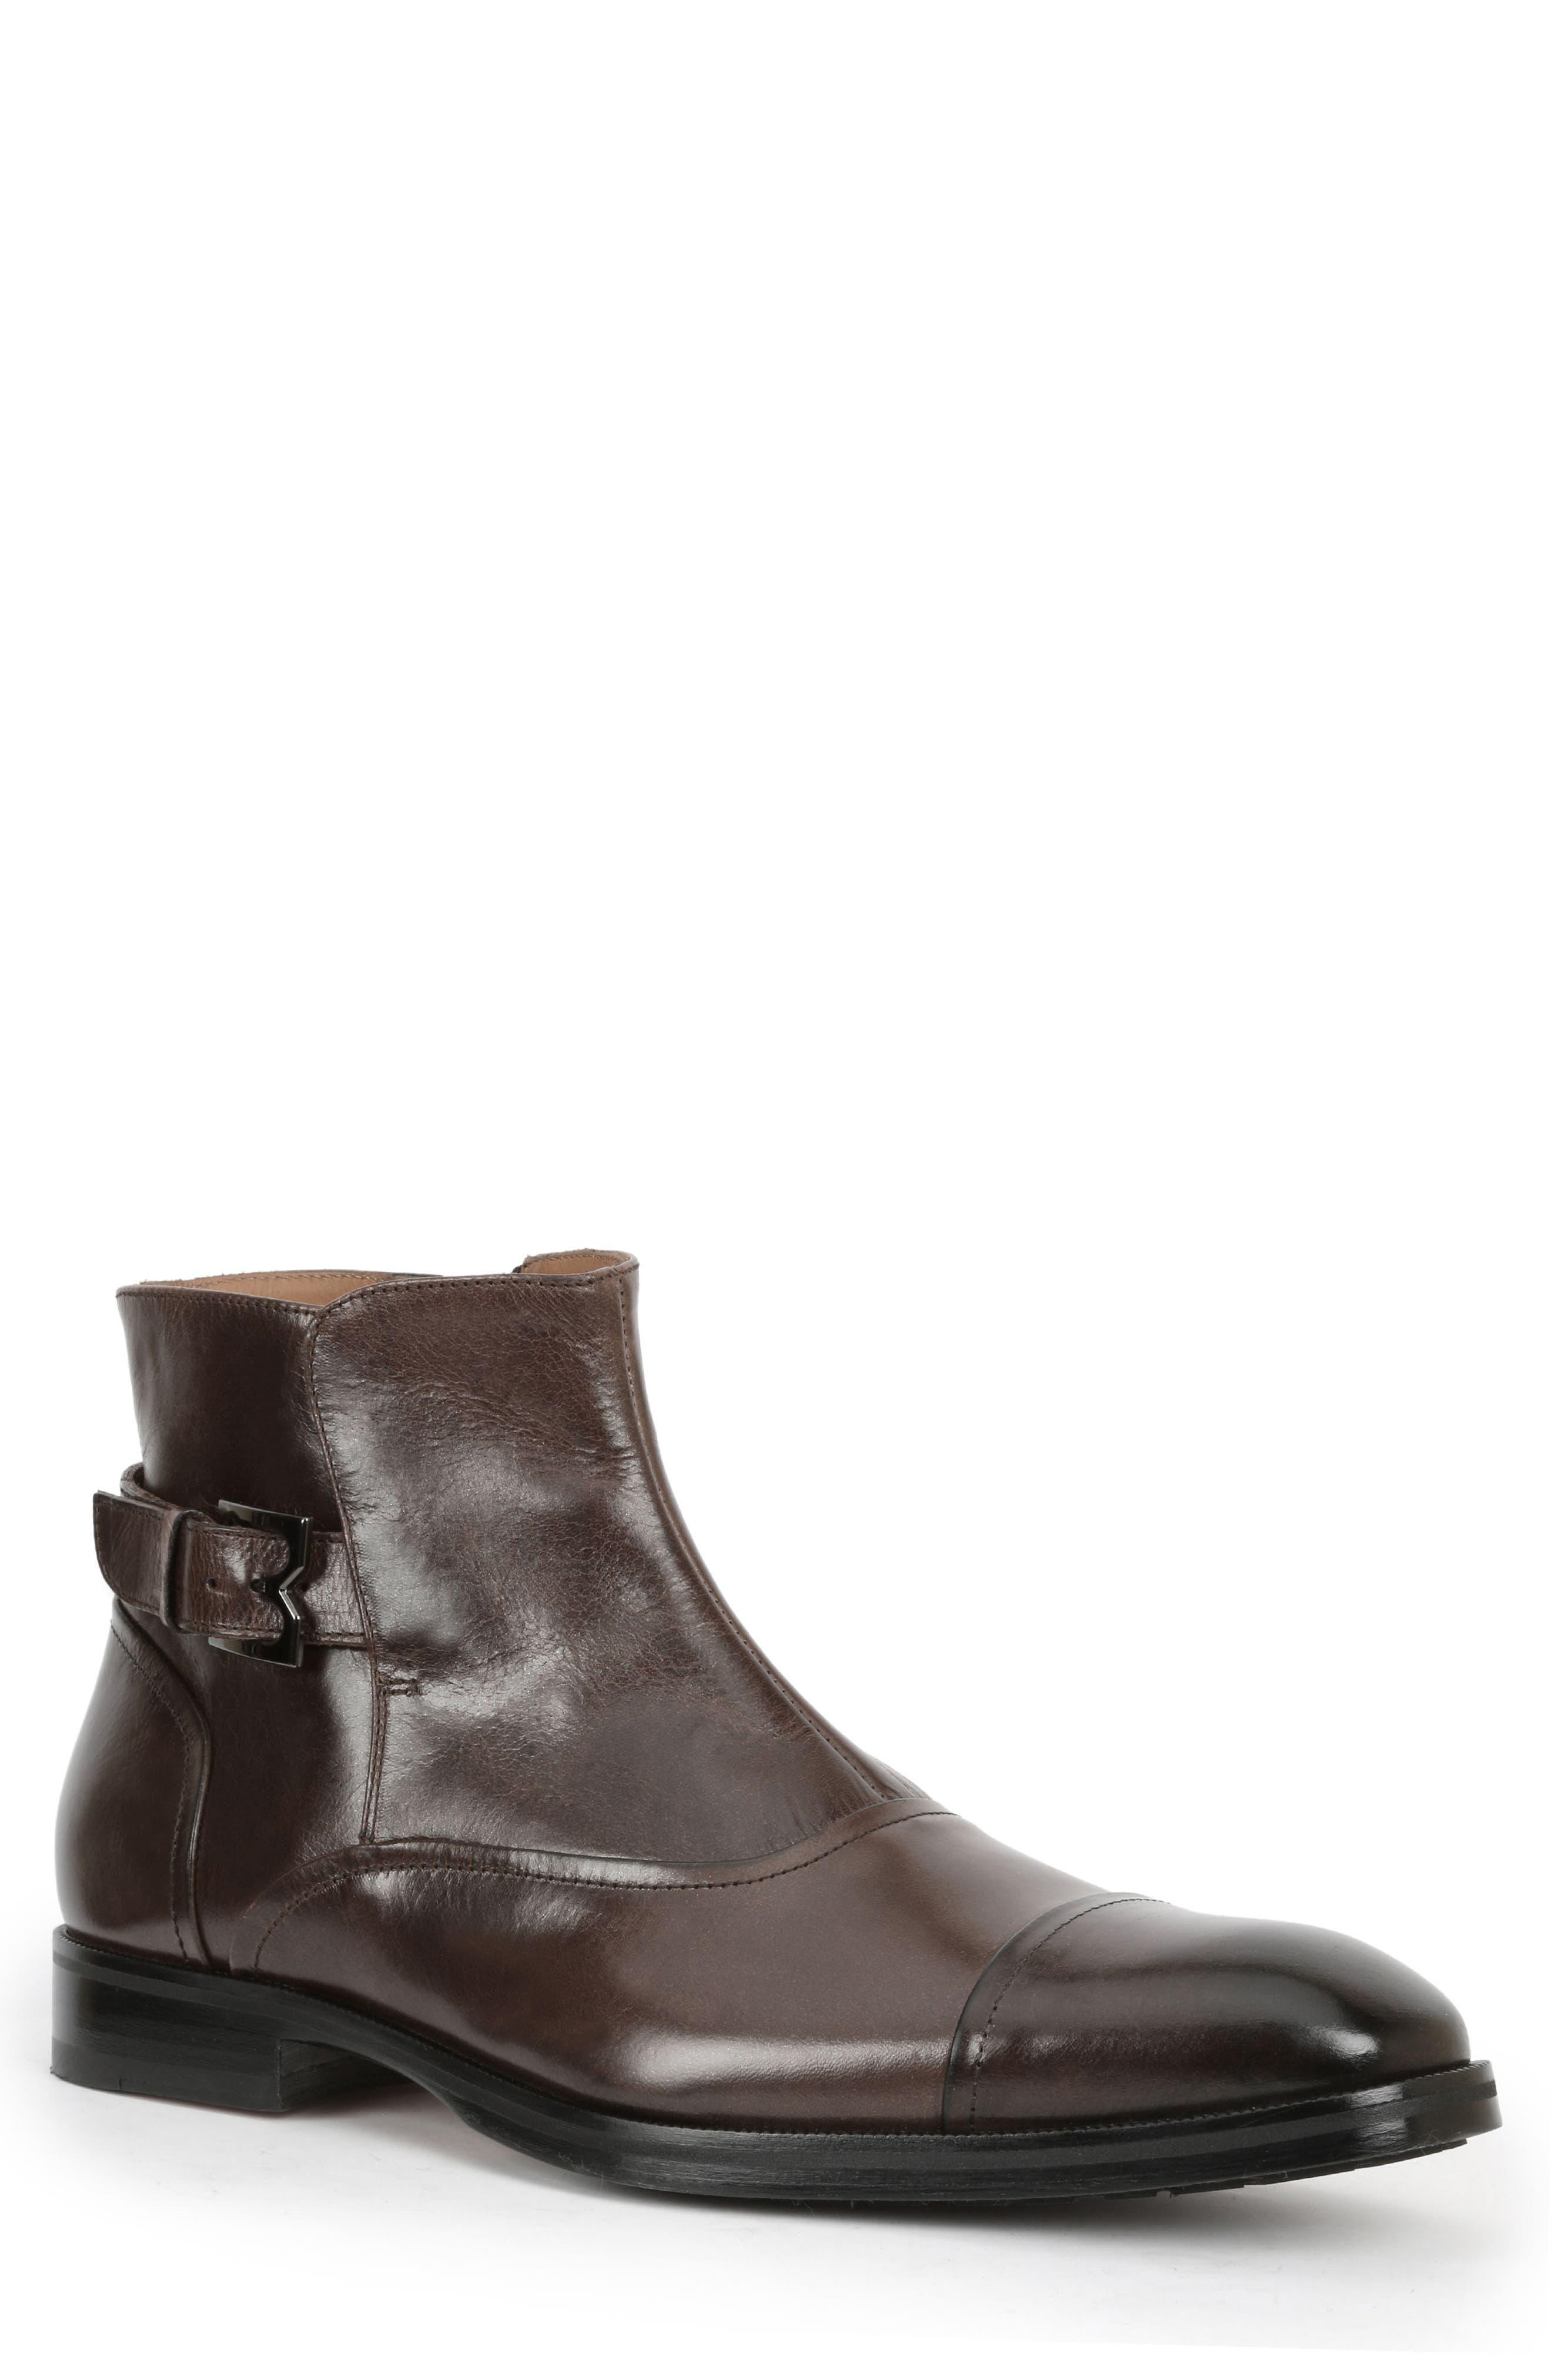 'Arcadia' Cap Toe Boot,                         Main,                         color, Dark Brown Leather